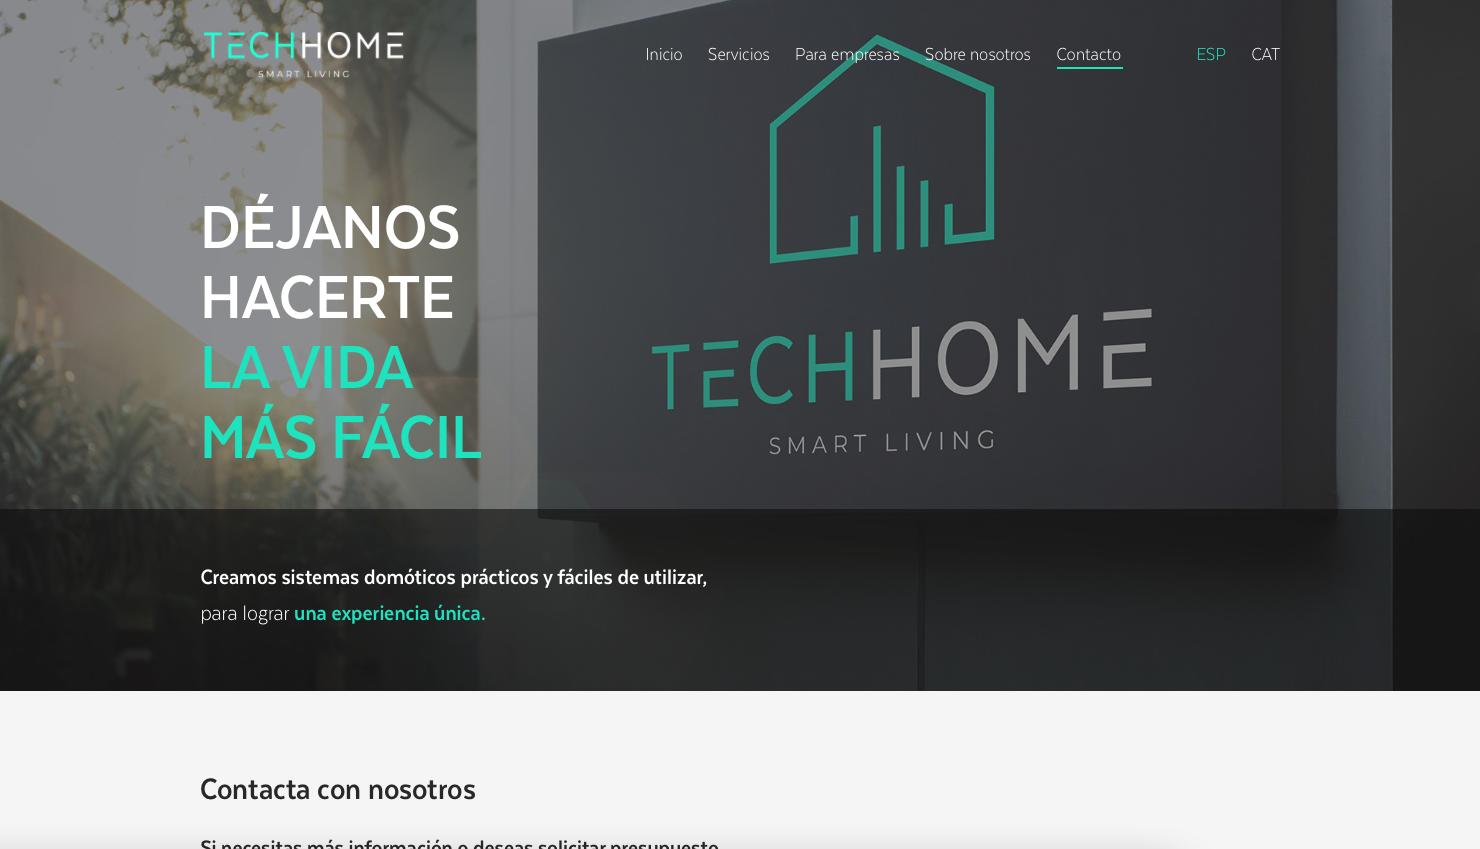 Diseño web hogares inteligentes: Techhome